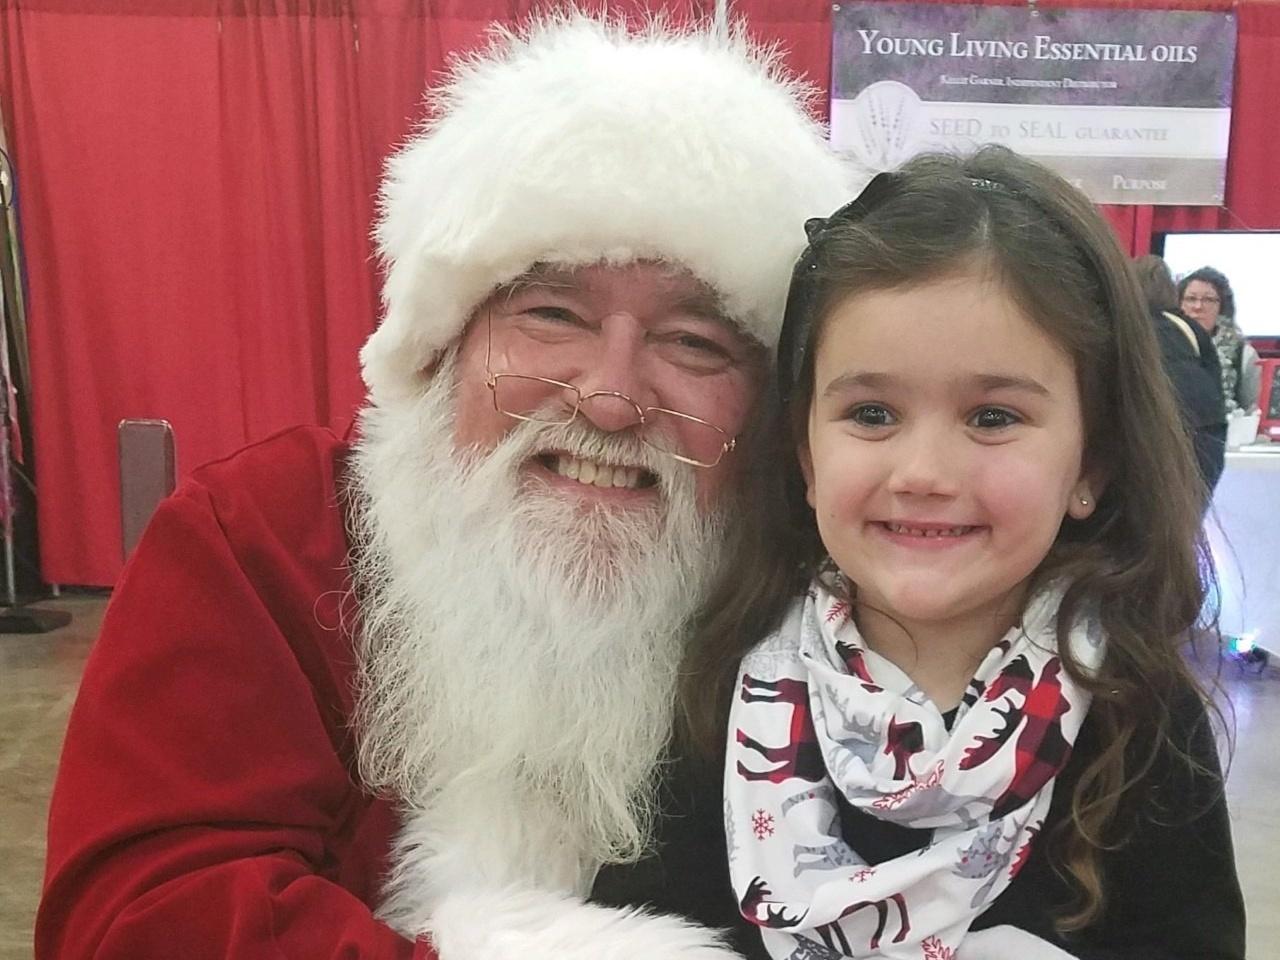 Knoxville Christmas Fair 2020 The Christmas Fair